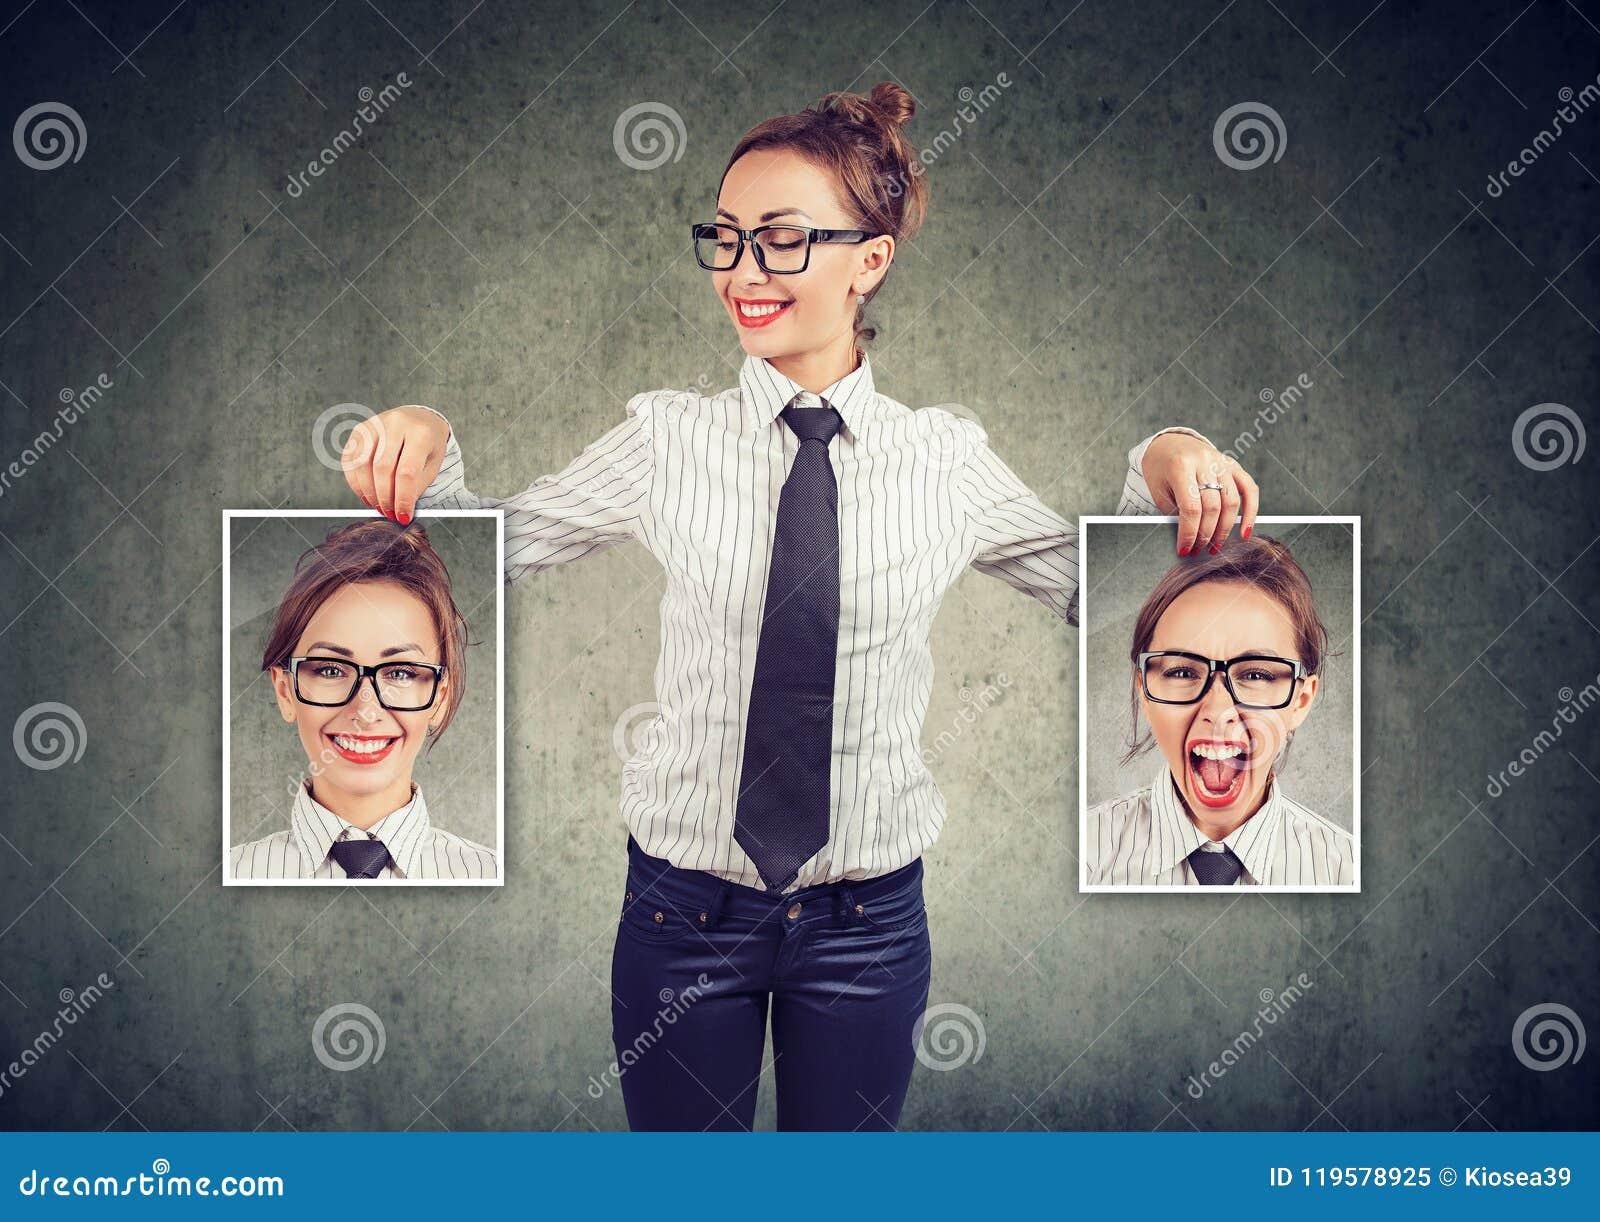 Nette Frau, die verschiedene Fotos mit Gefühlen zeigt